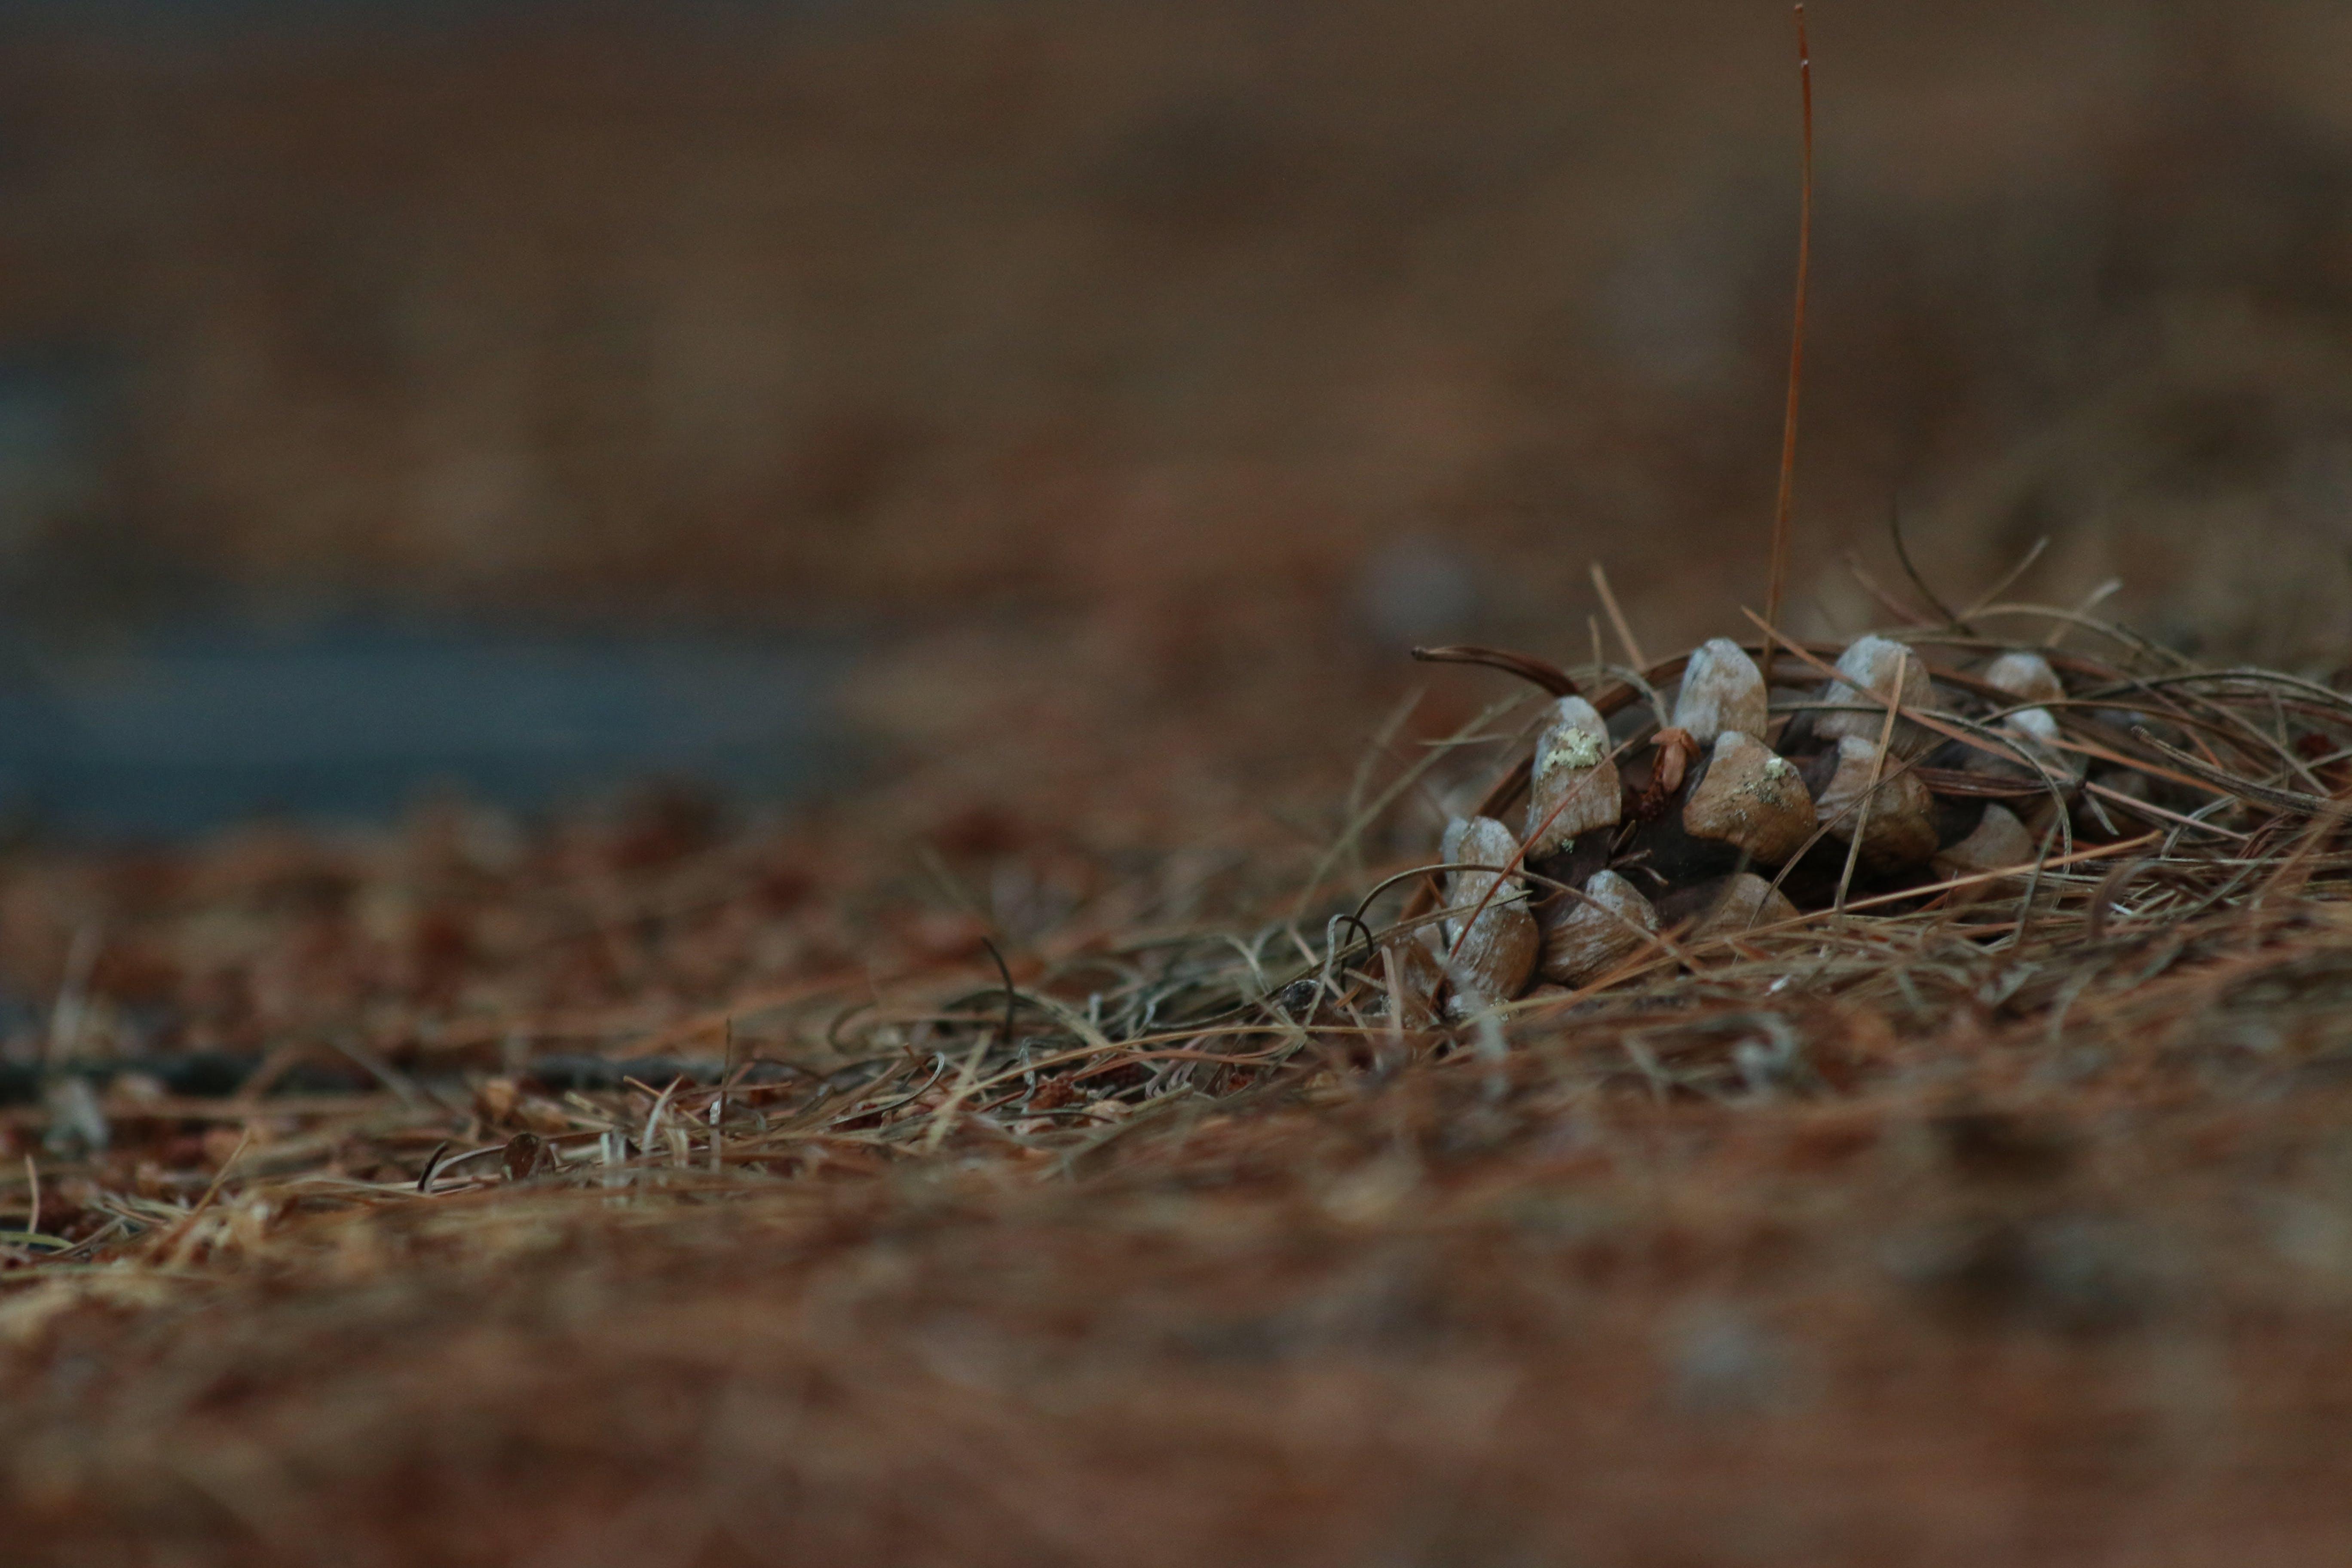 대자연, 소나무, 솔방울, 온타리오 주의 무료 스톡 사진